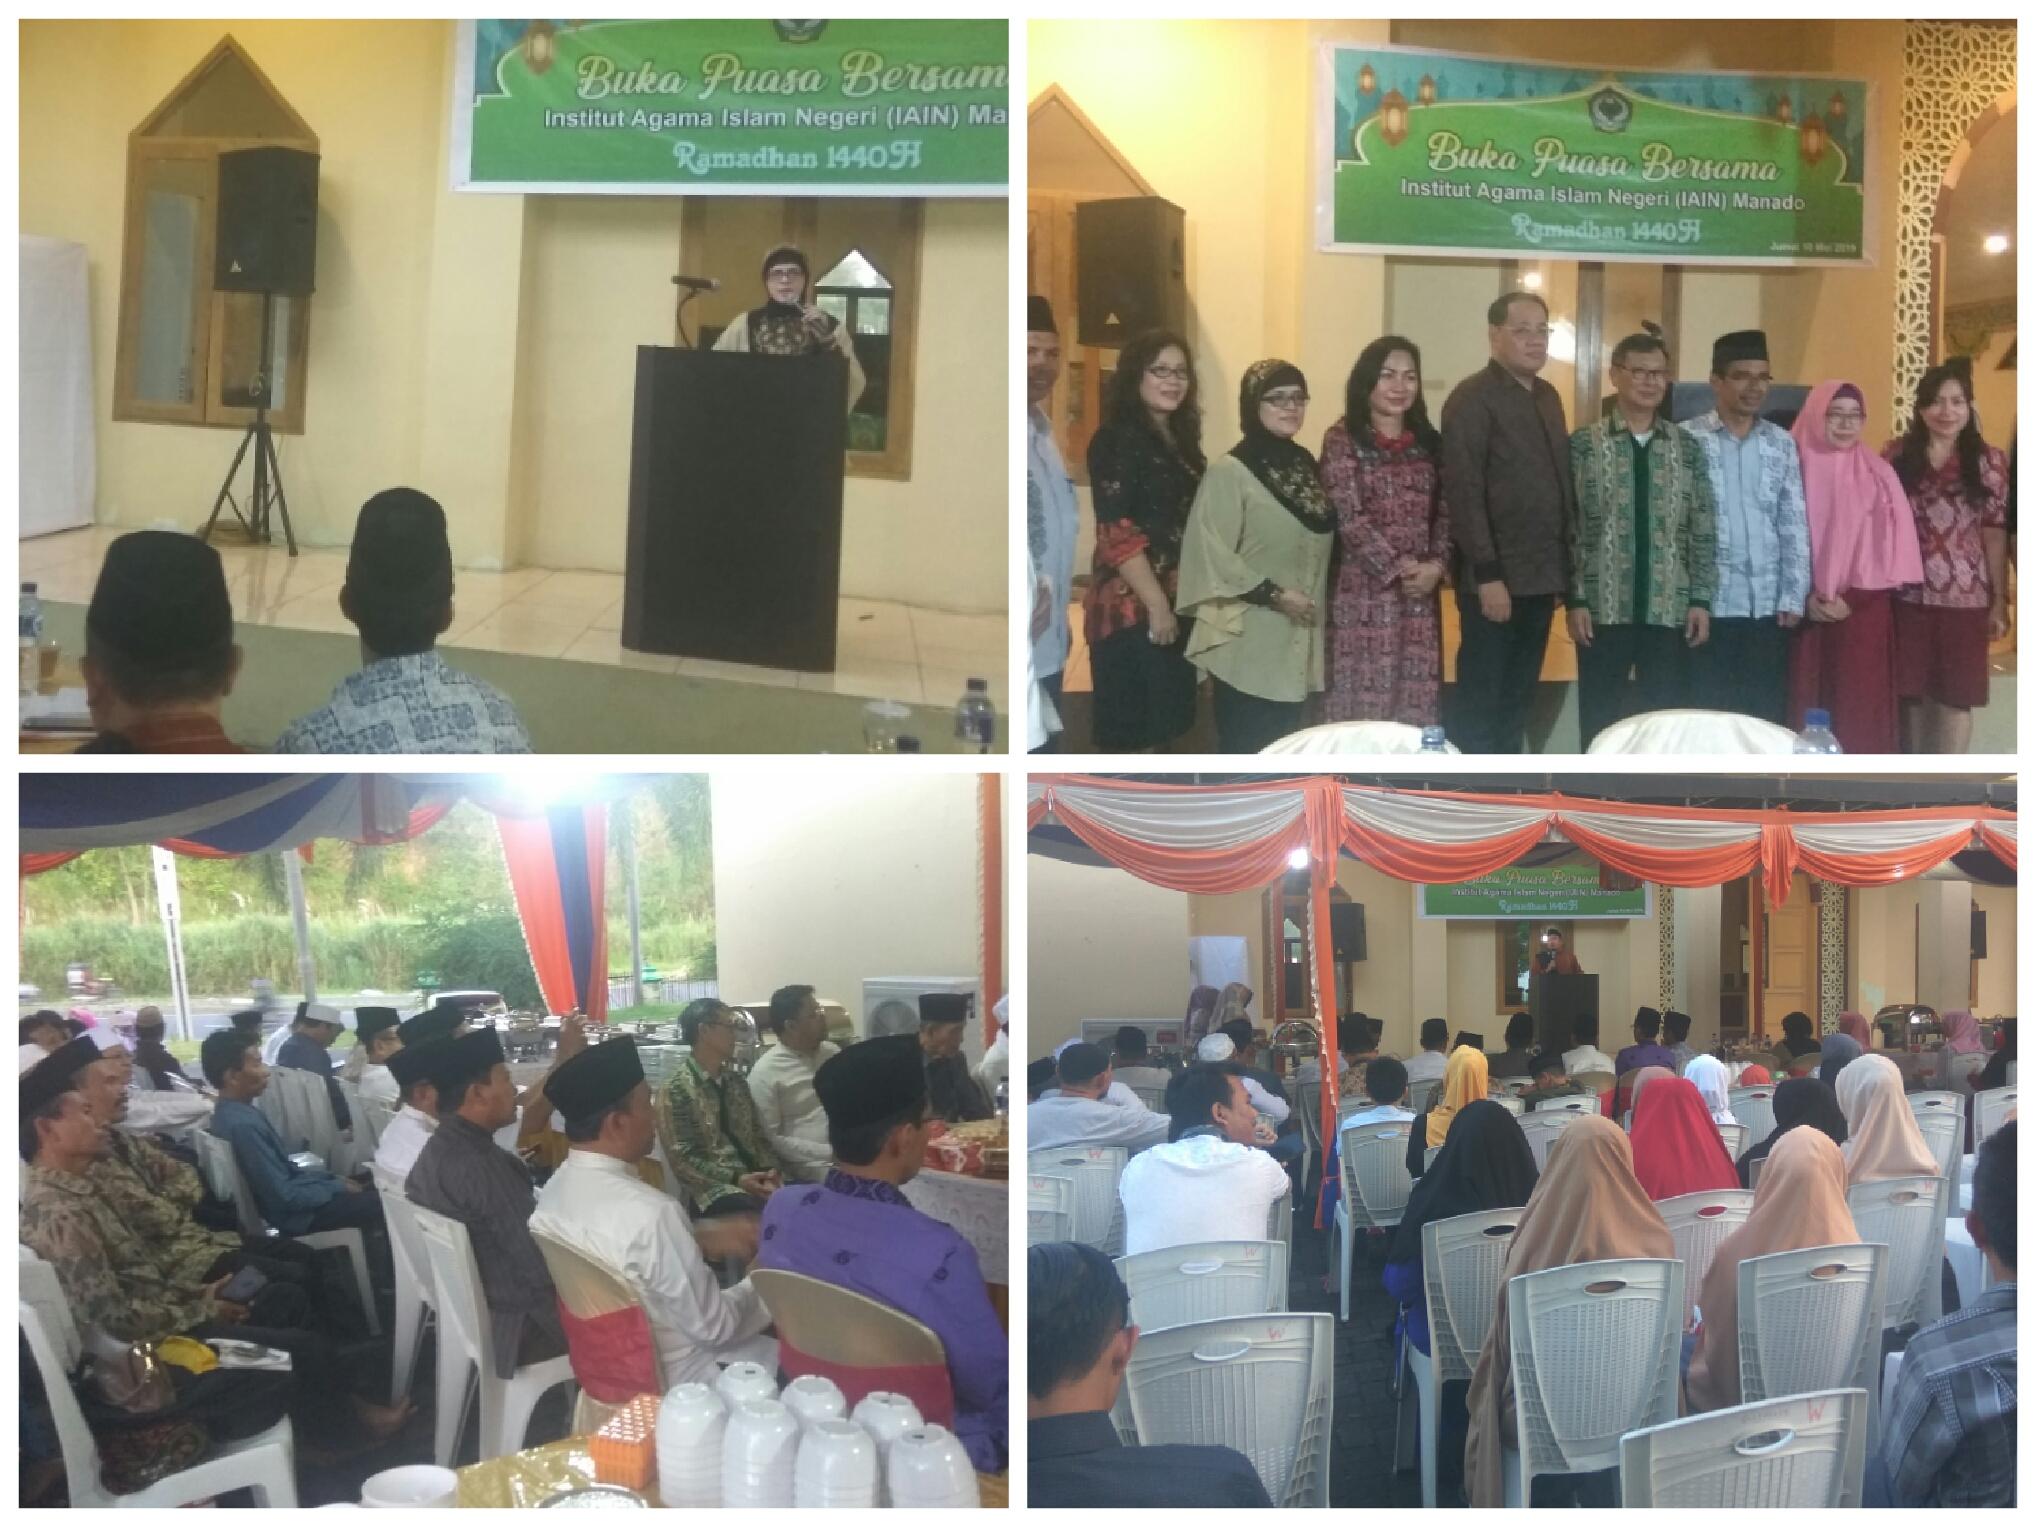 Momentum Buka Puasa Bersama, Gubernur Olly Ajak Civitas IAIN Manado Perkokoh Silaturahmi